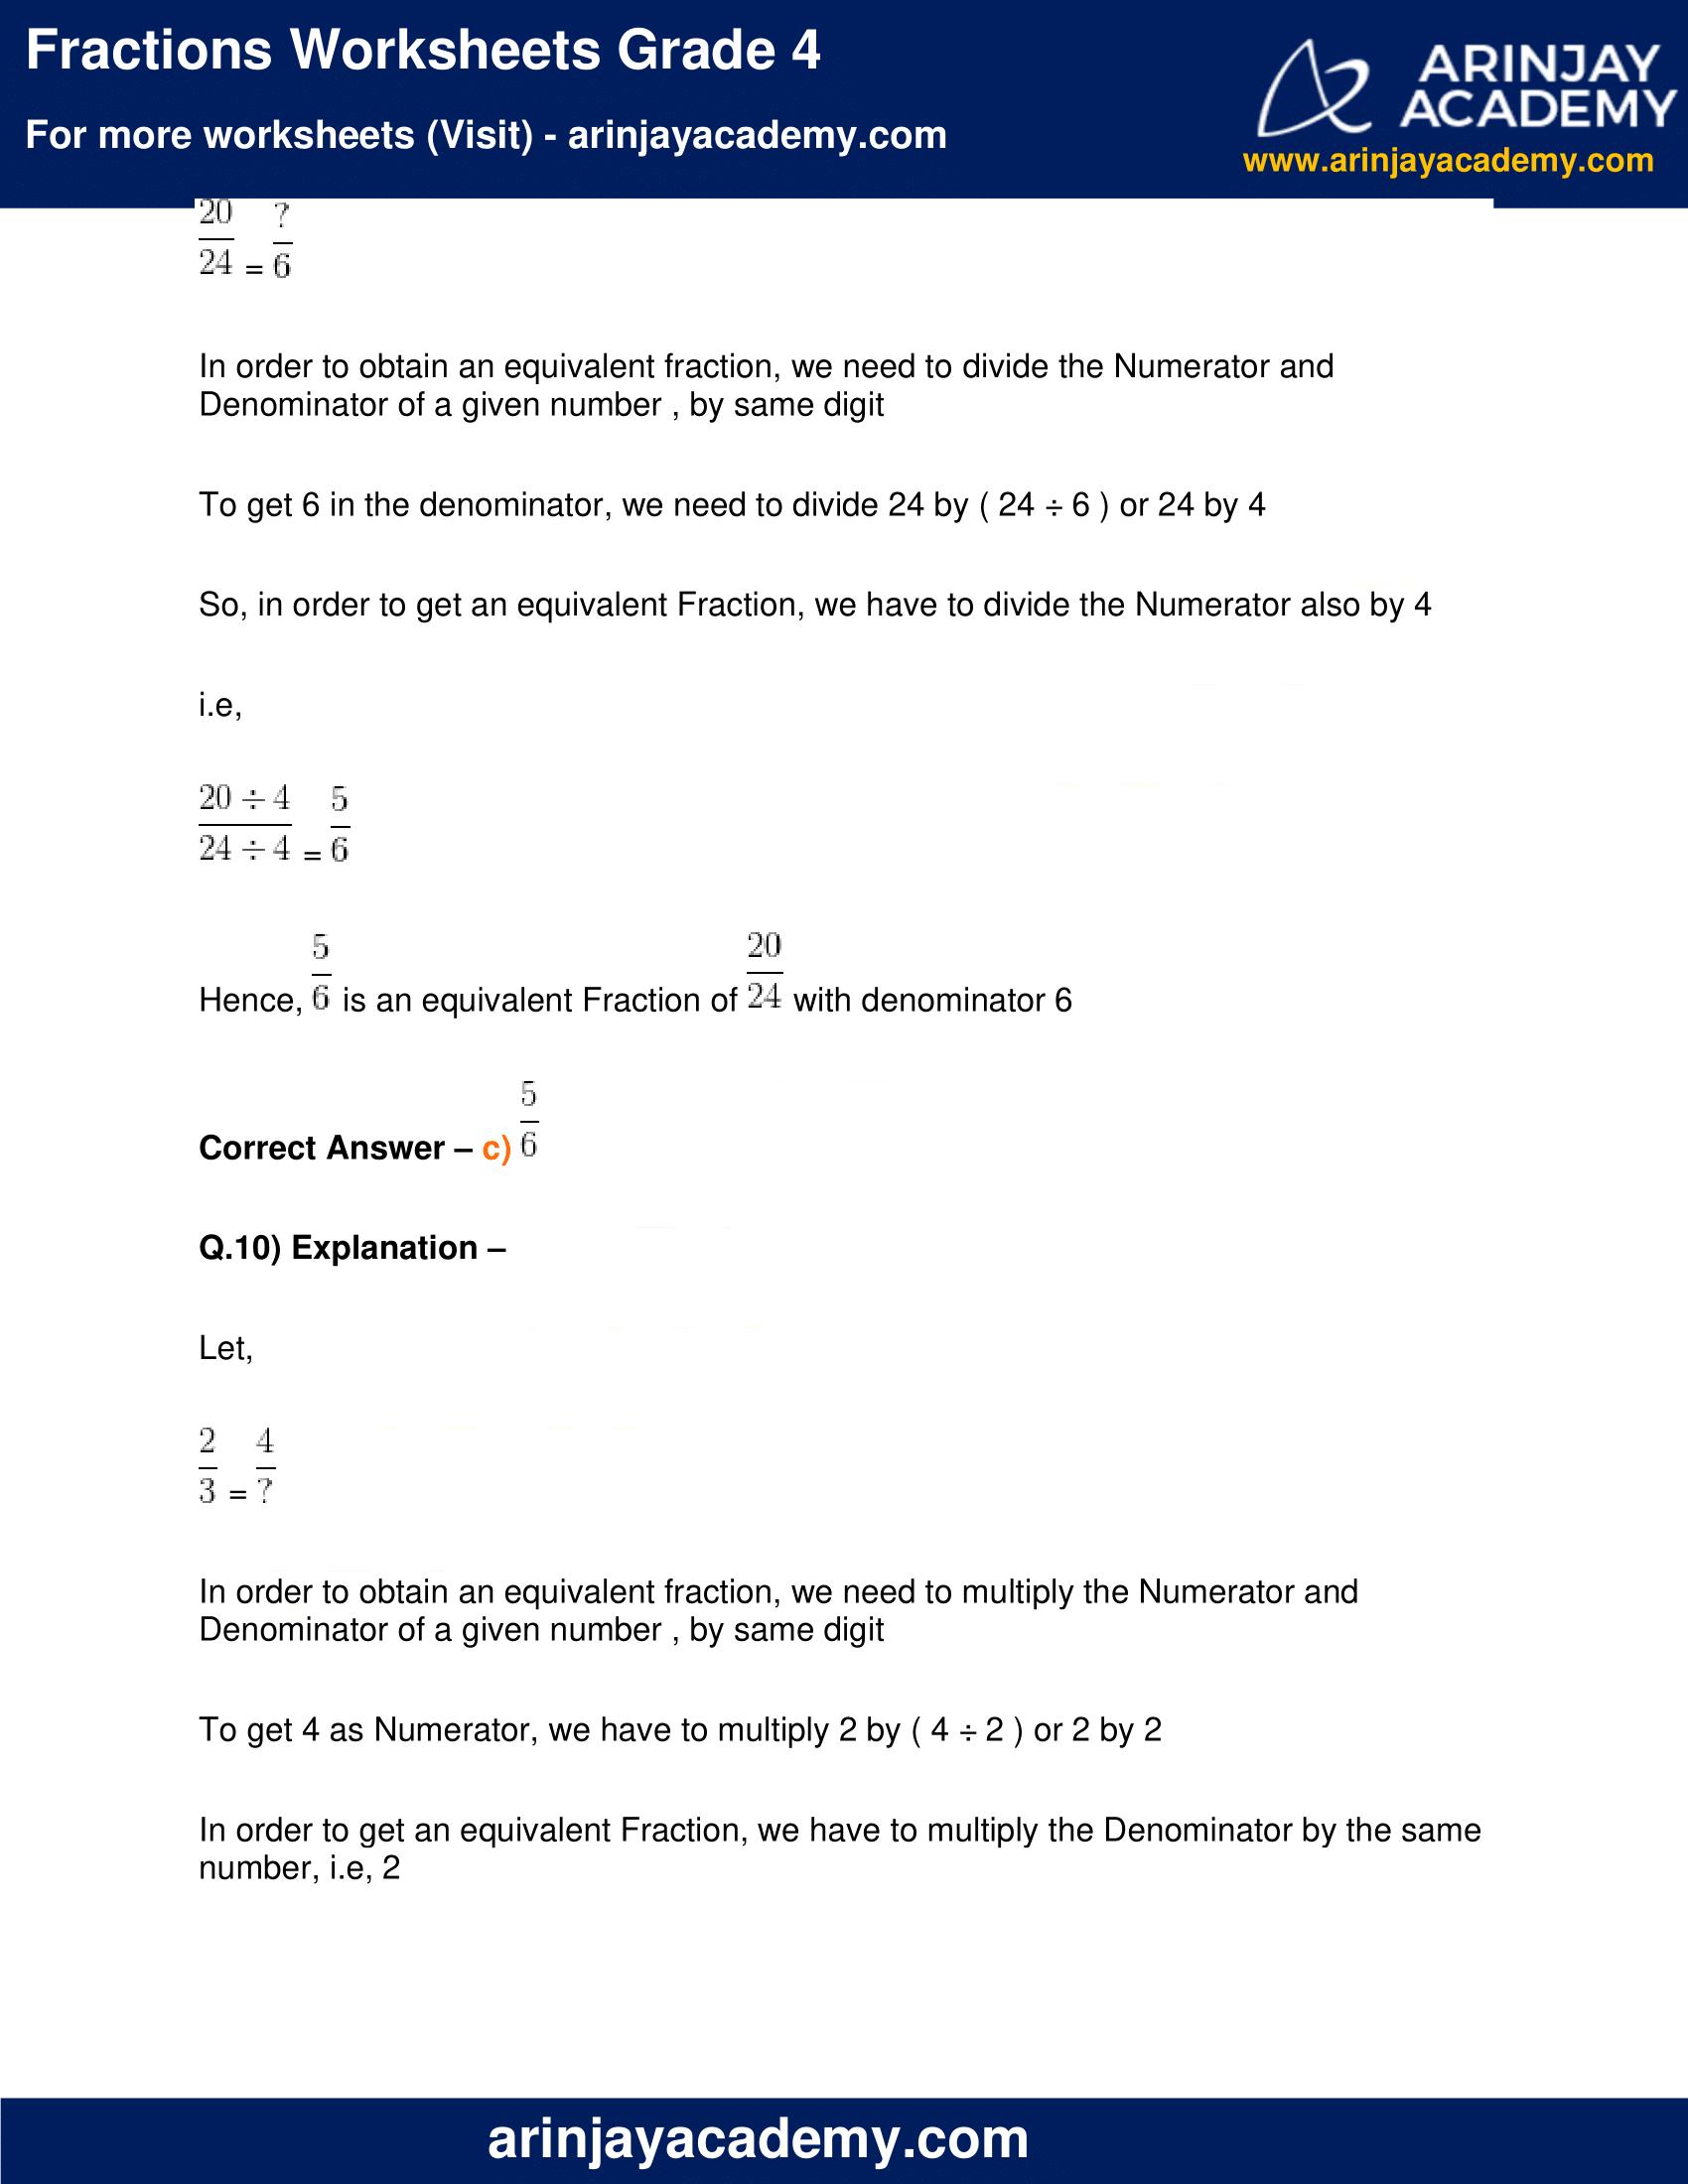 Fractions Worksheets Grade 4 image 10